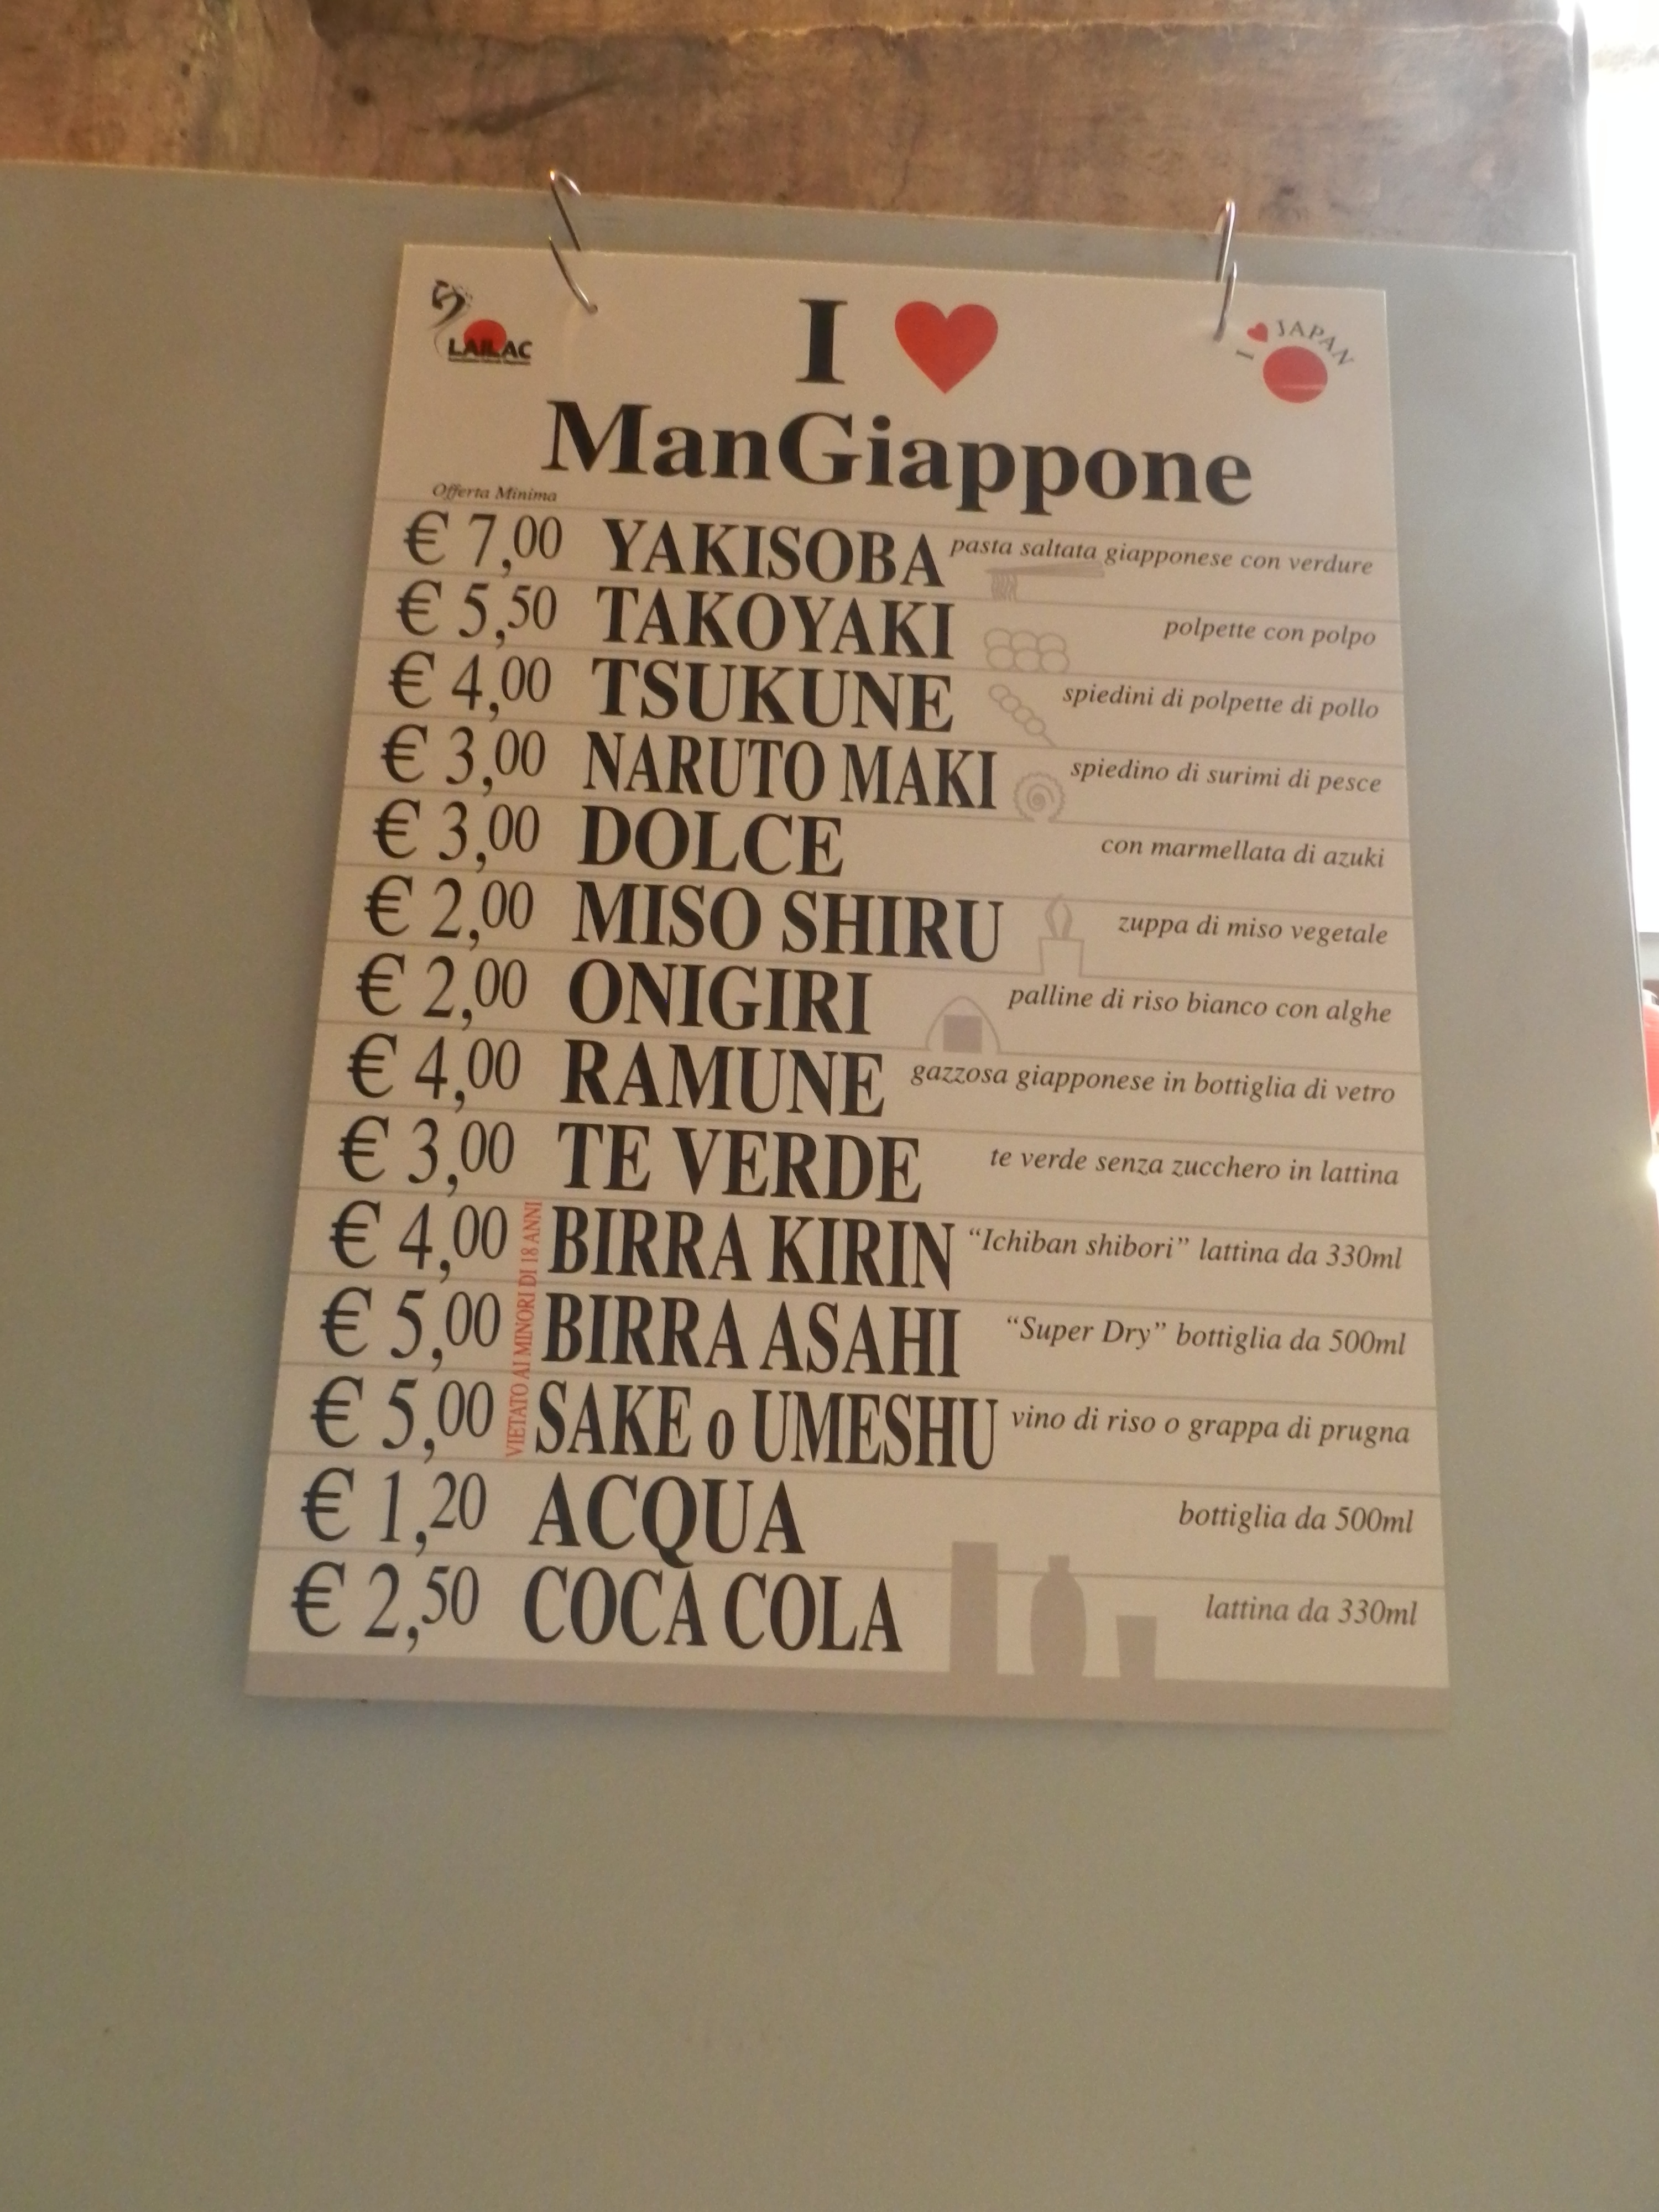 I ♥ ManGiappone al Lucca Comics & Games